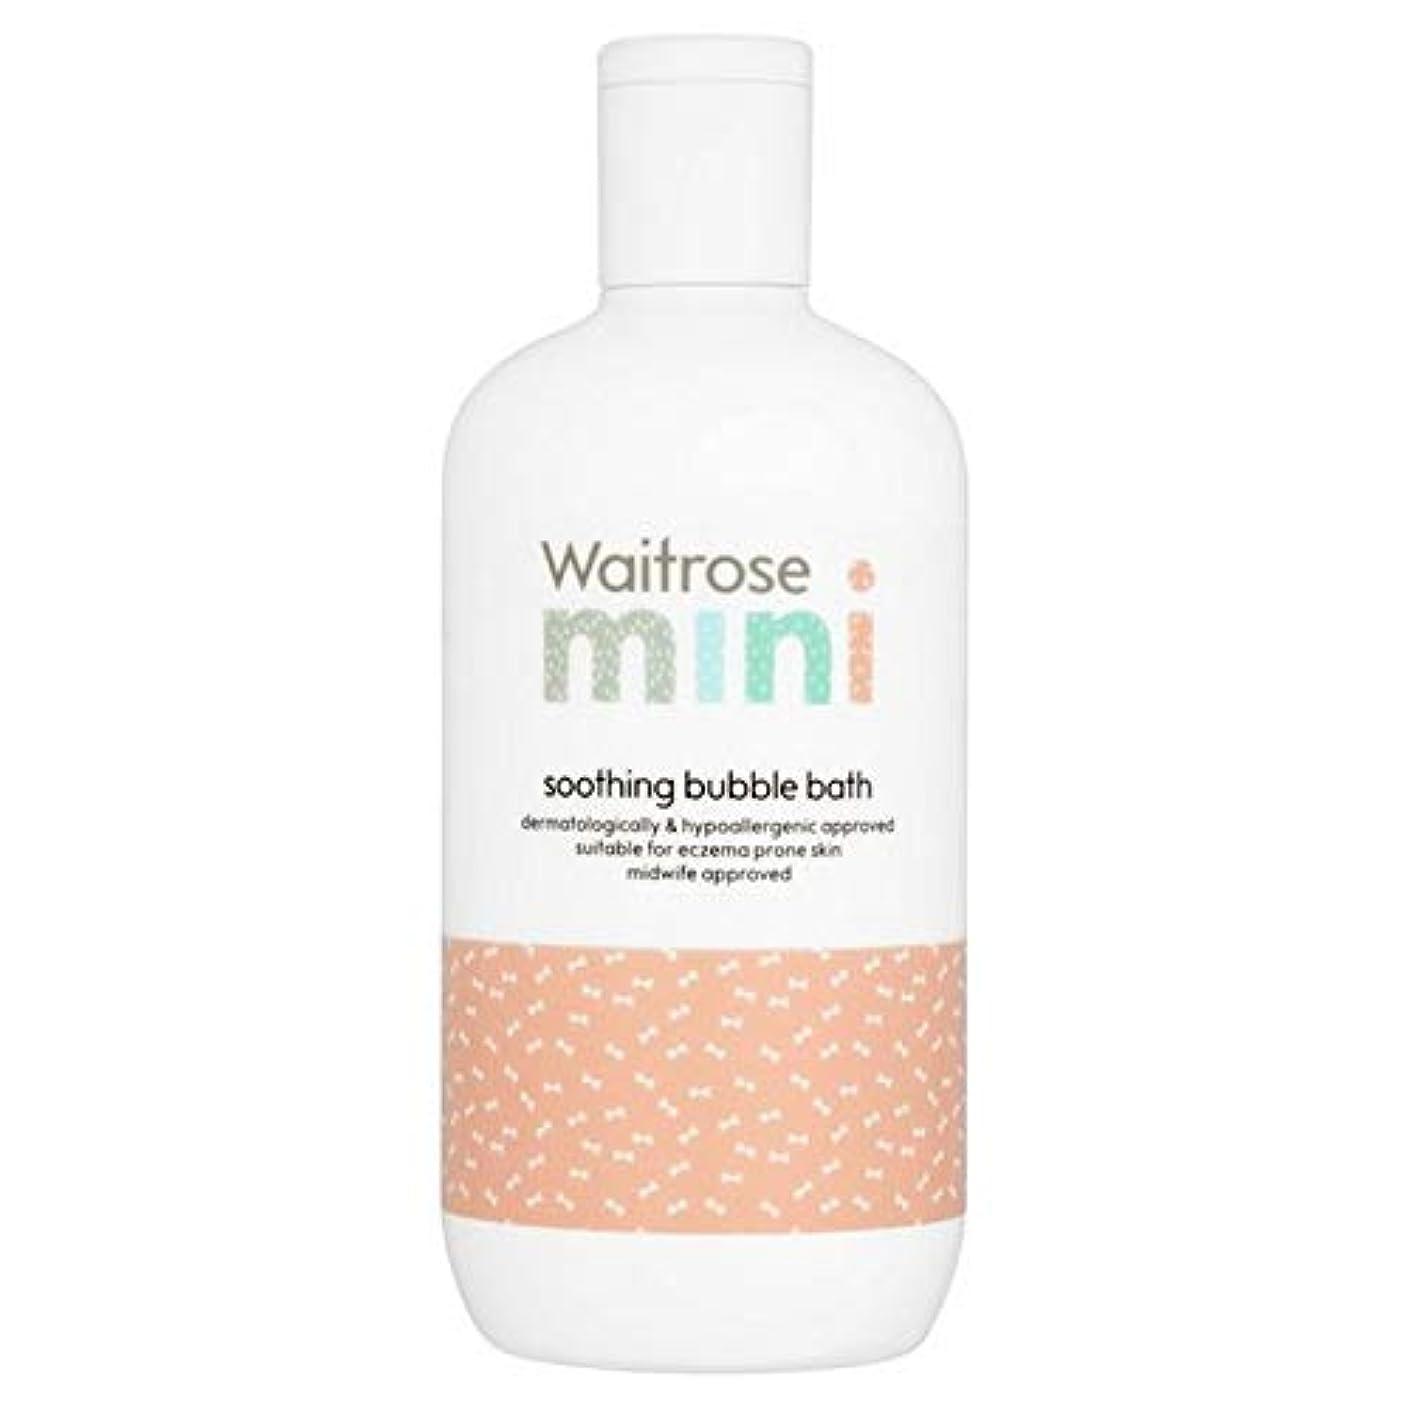 確認してください地域が欲しい[Waitrose ] ウェイトローズミニなだめるベビー泡風呂の400ミリリットル - Waitrose Mini Soothing Baby Bubble Bath 400ml [並行輸入品]